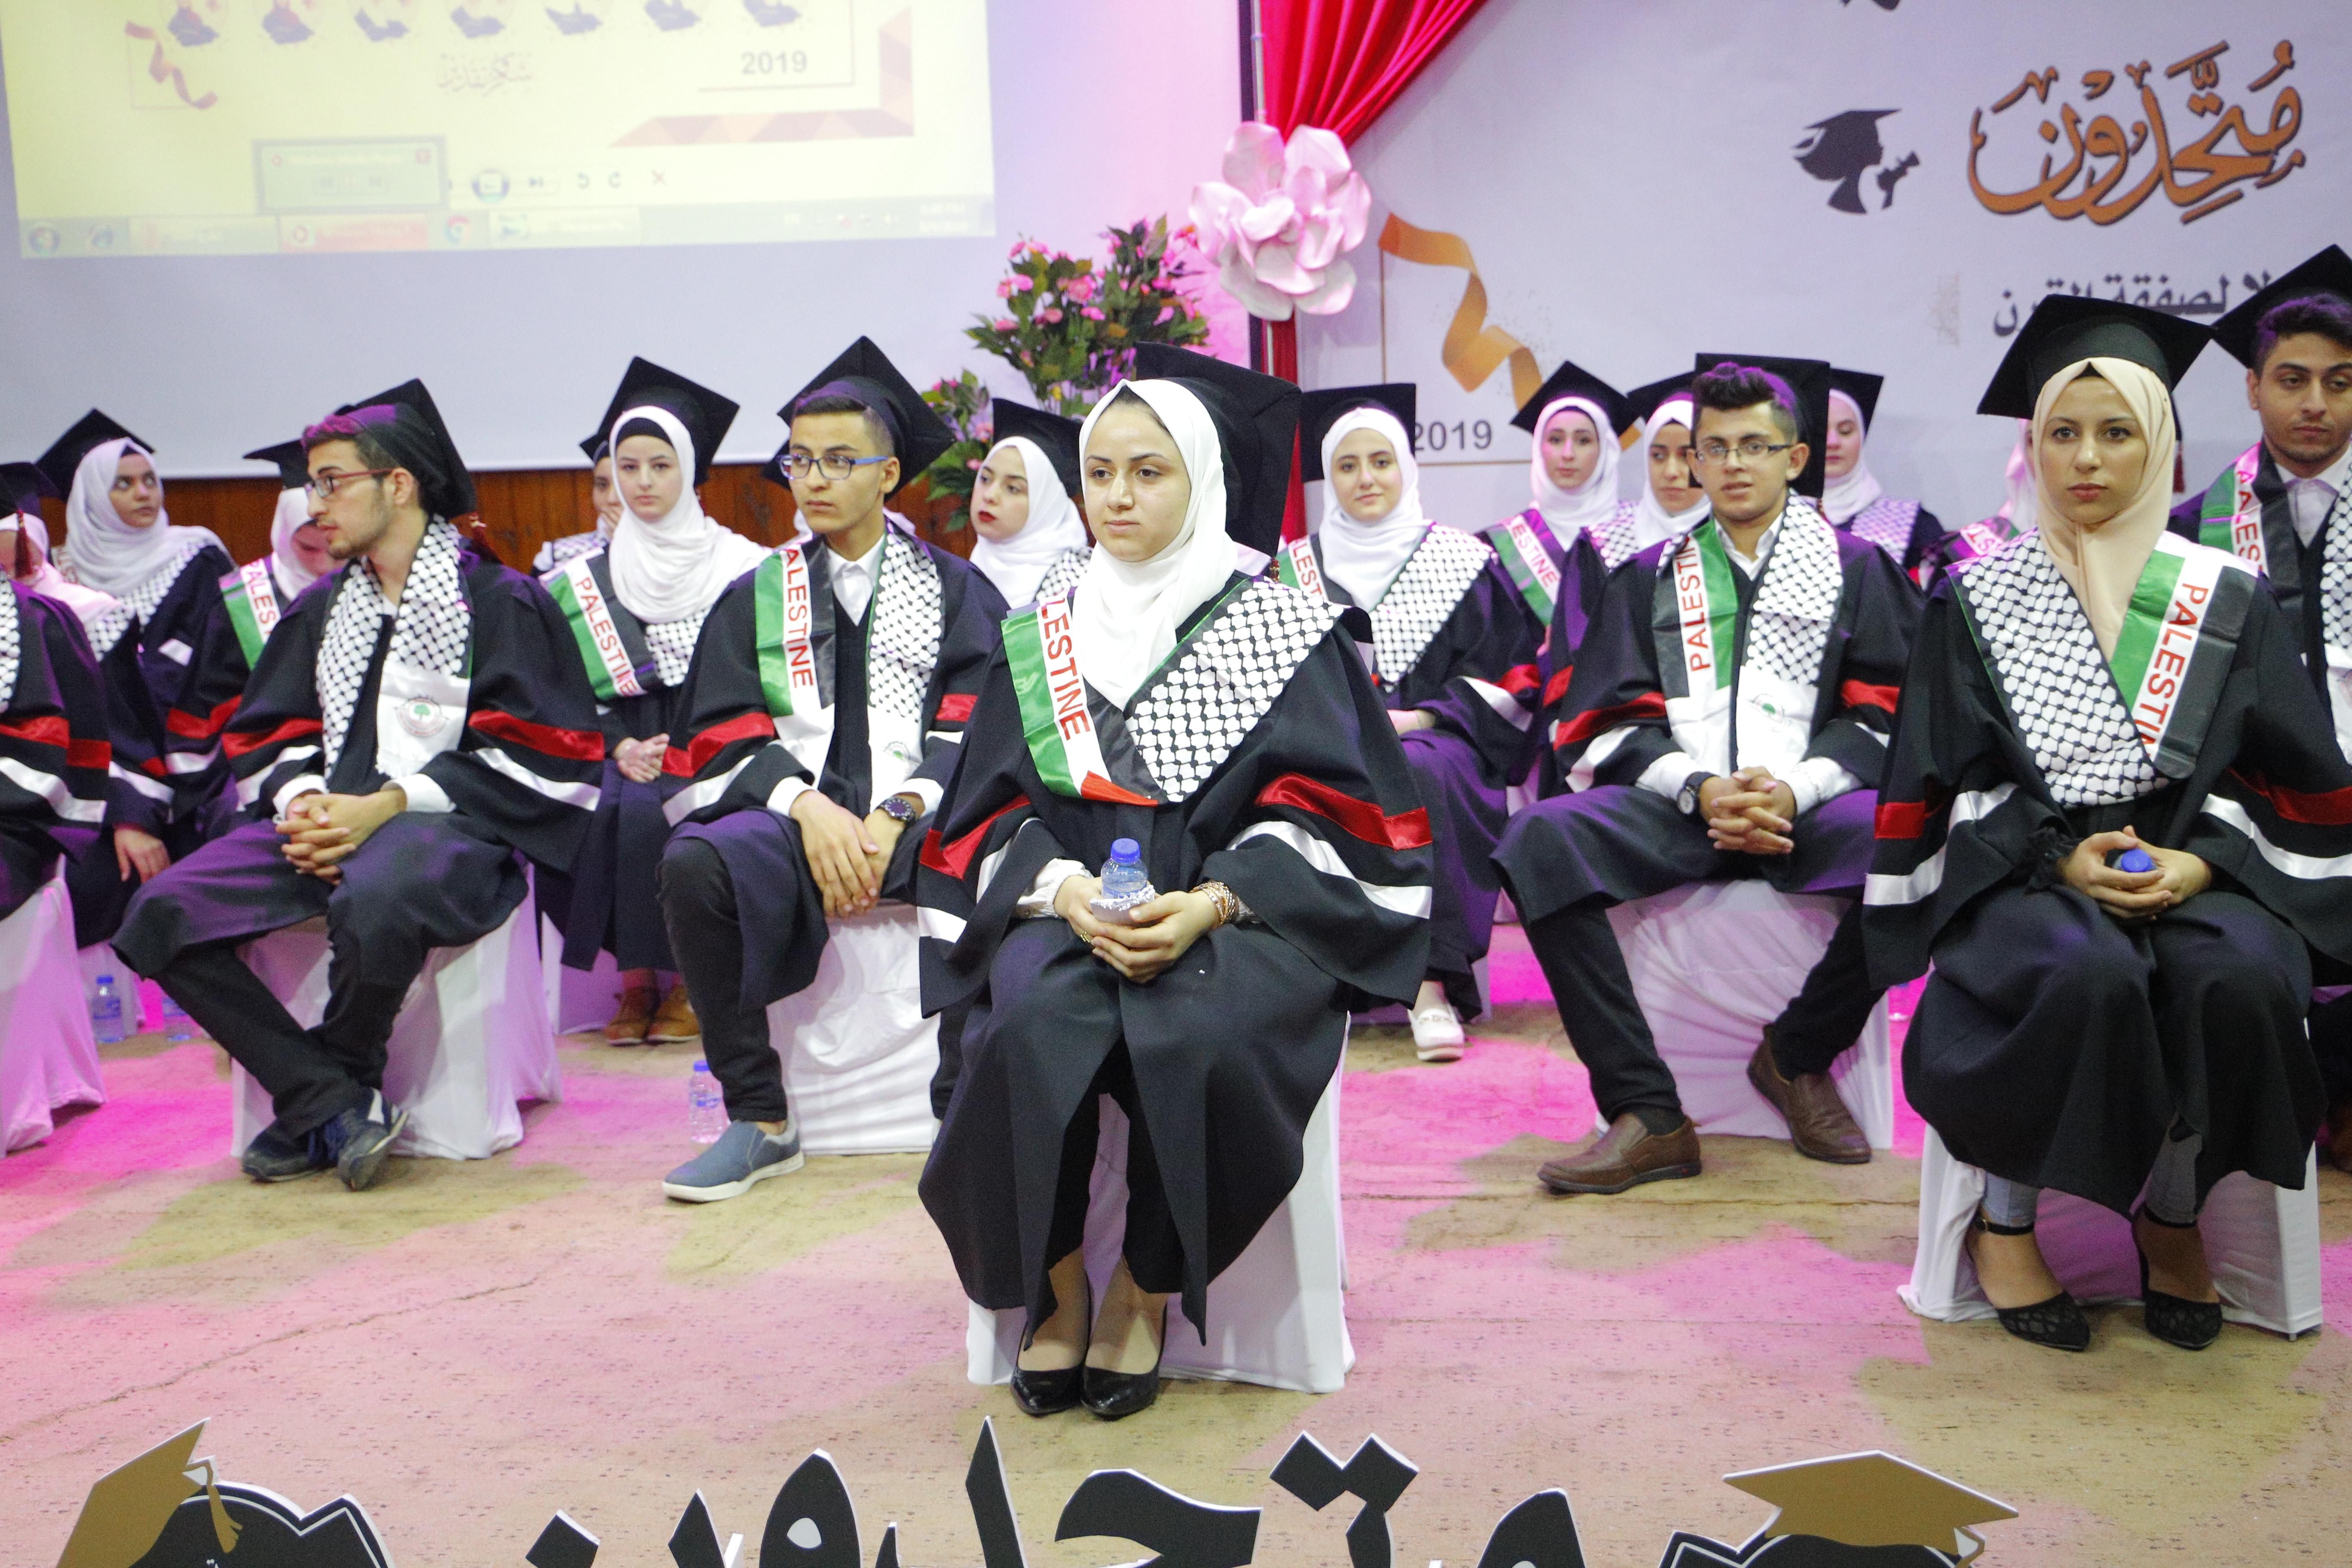 بلدية قلقيلية تكرم الطلبة أوائل الثانوية العامة